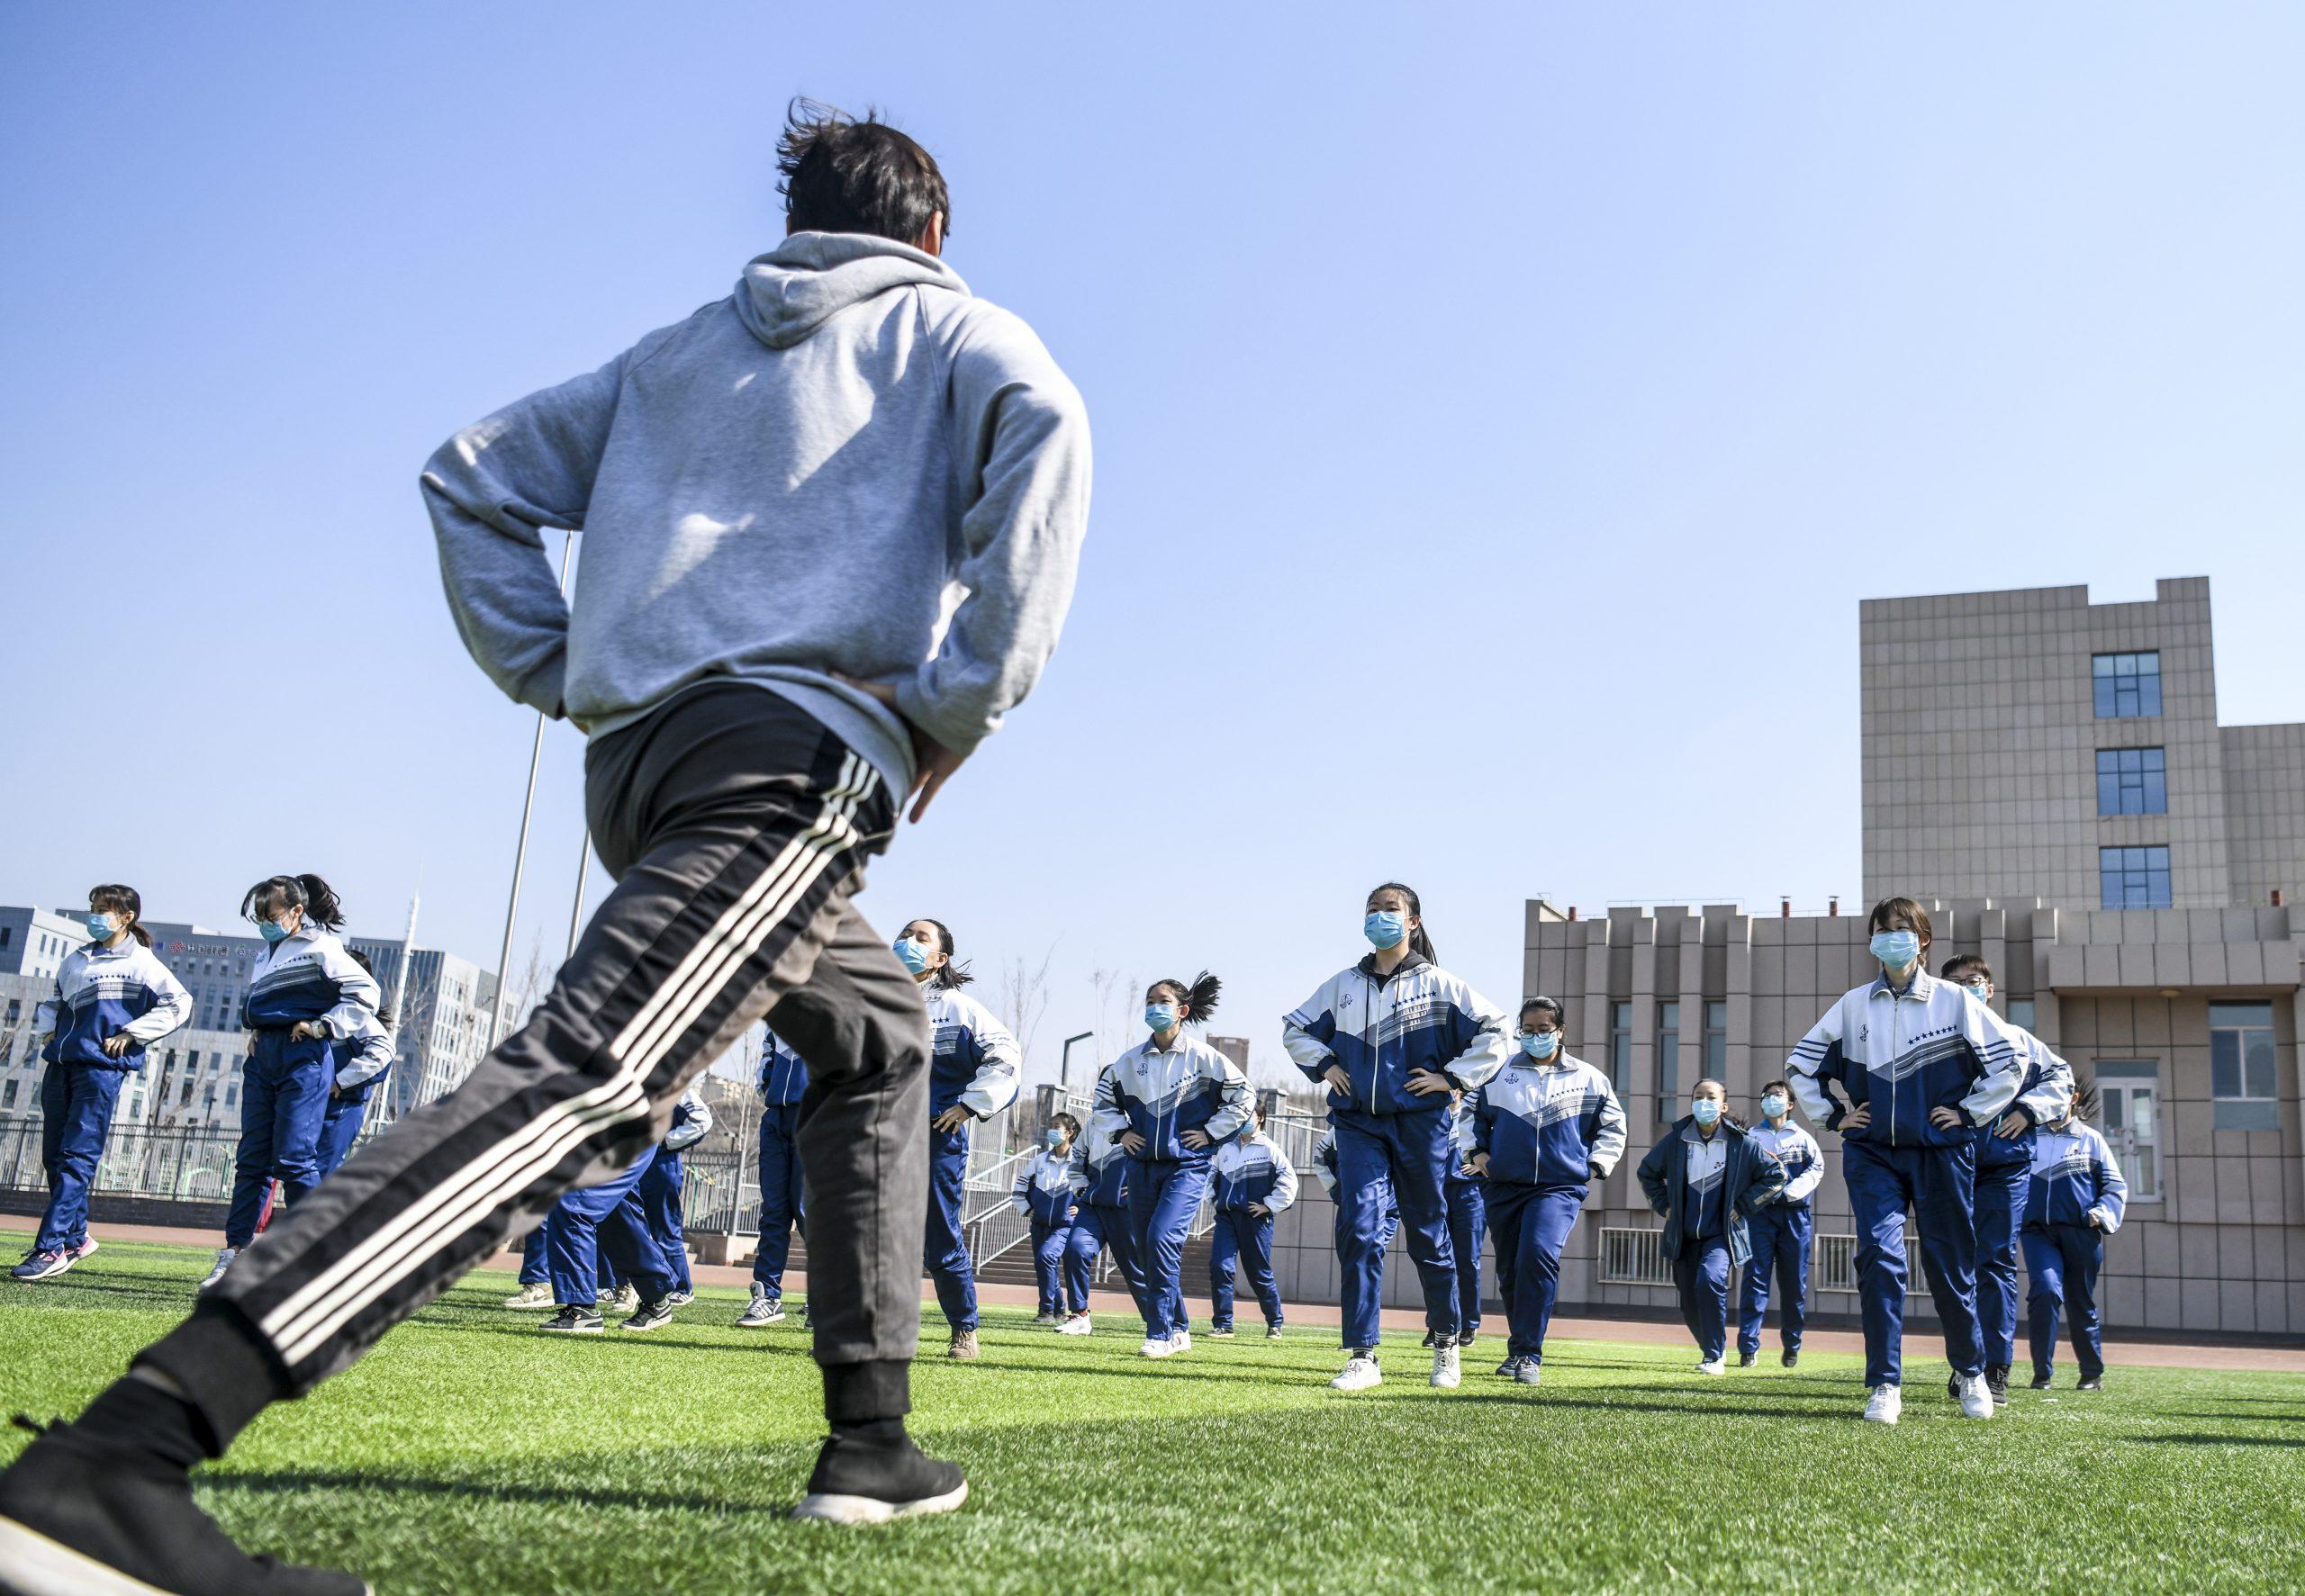 Yao Ming dice que cooperación con deportes escolares puede impulsar talento de baloncesto